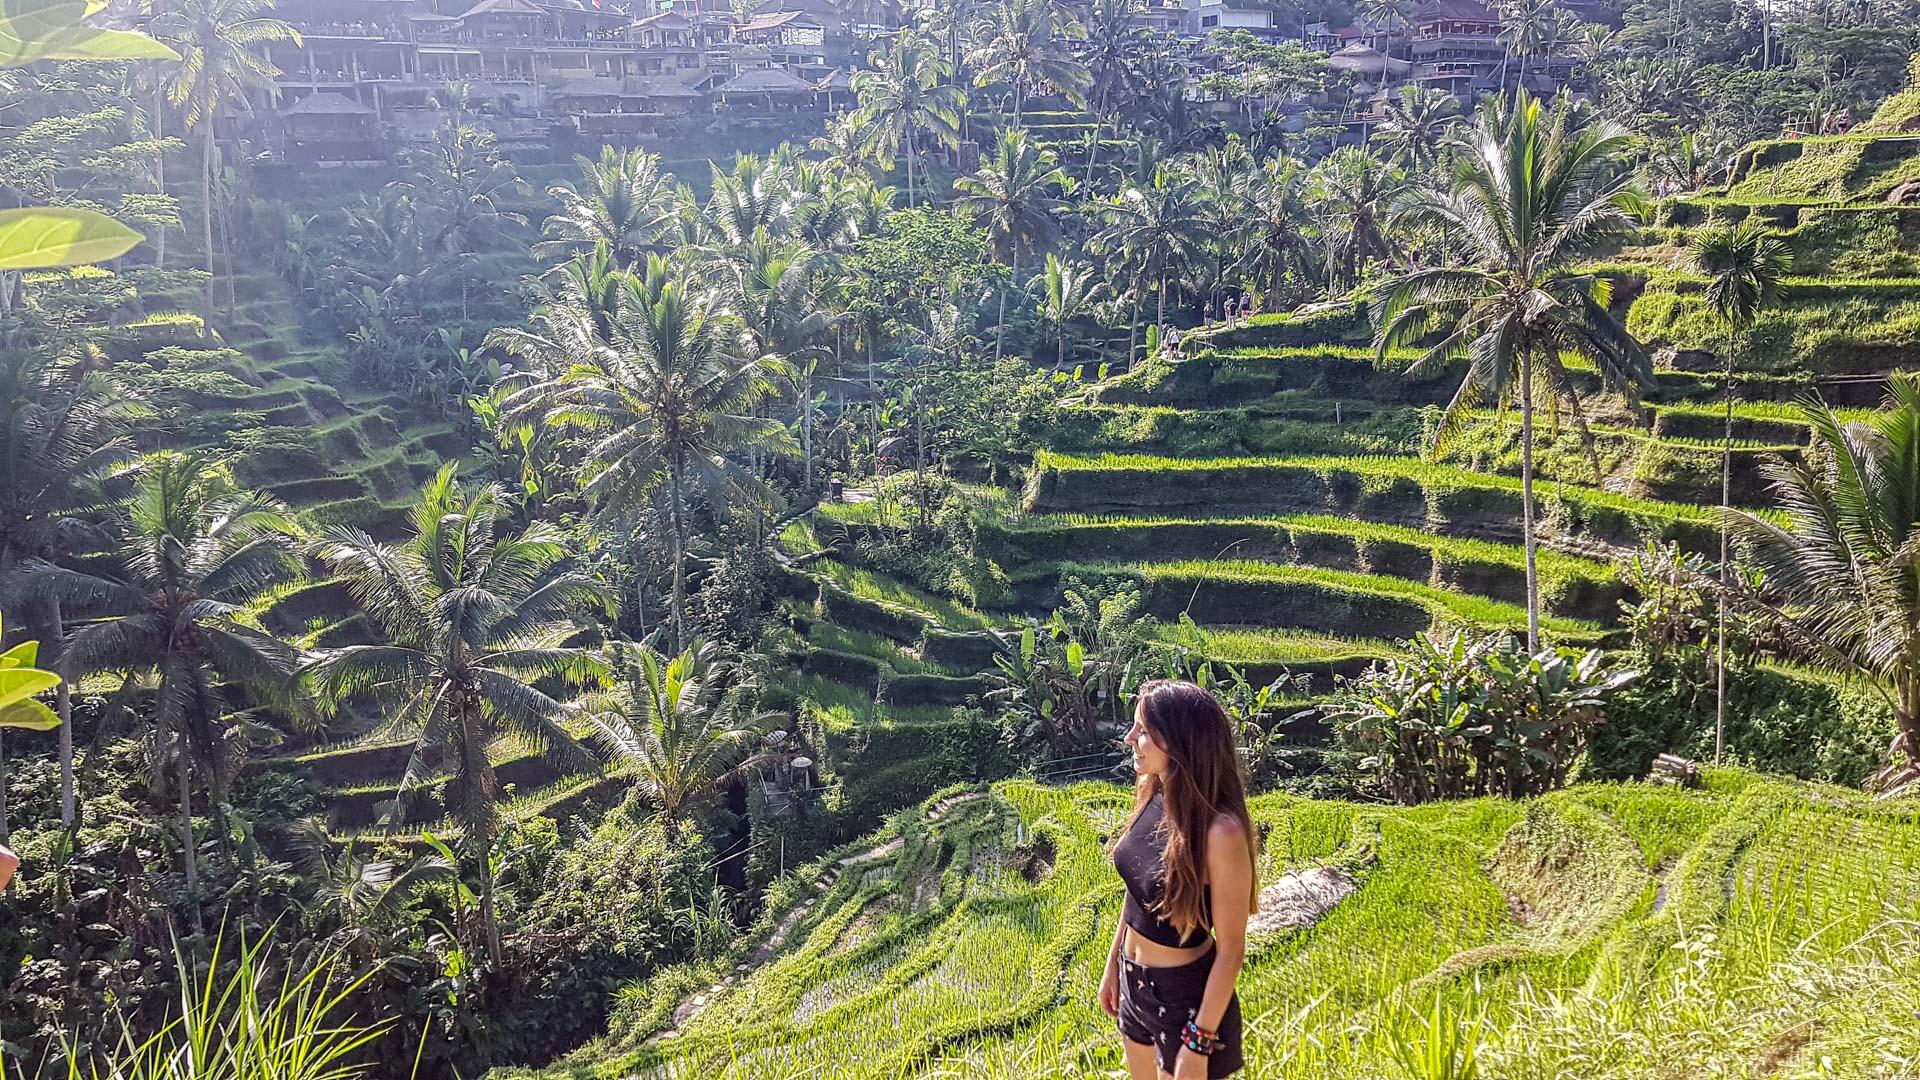 Terrazas de arroz de Tegalalang, Bali, Indonesia